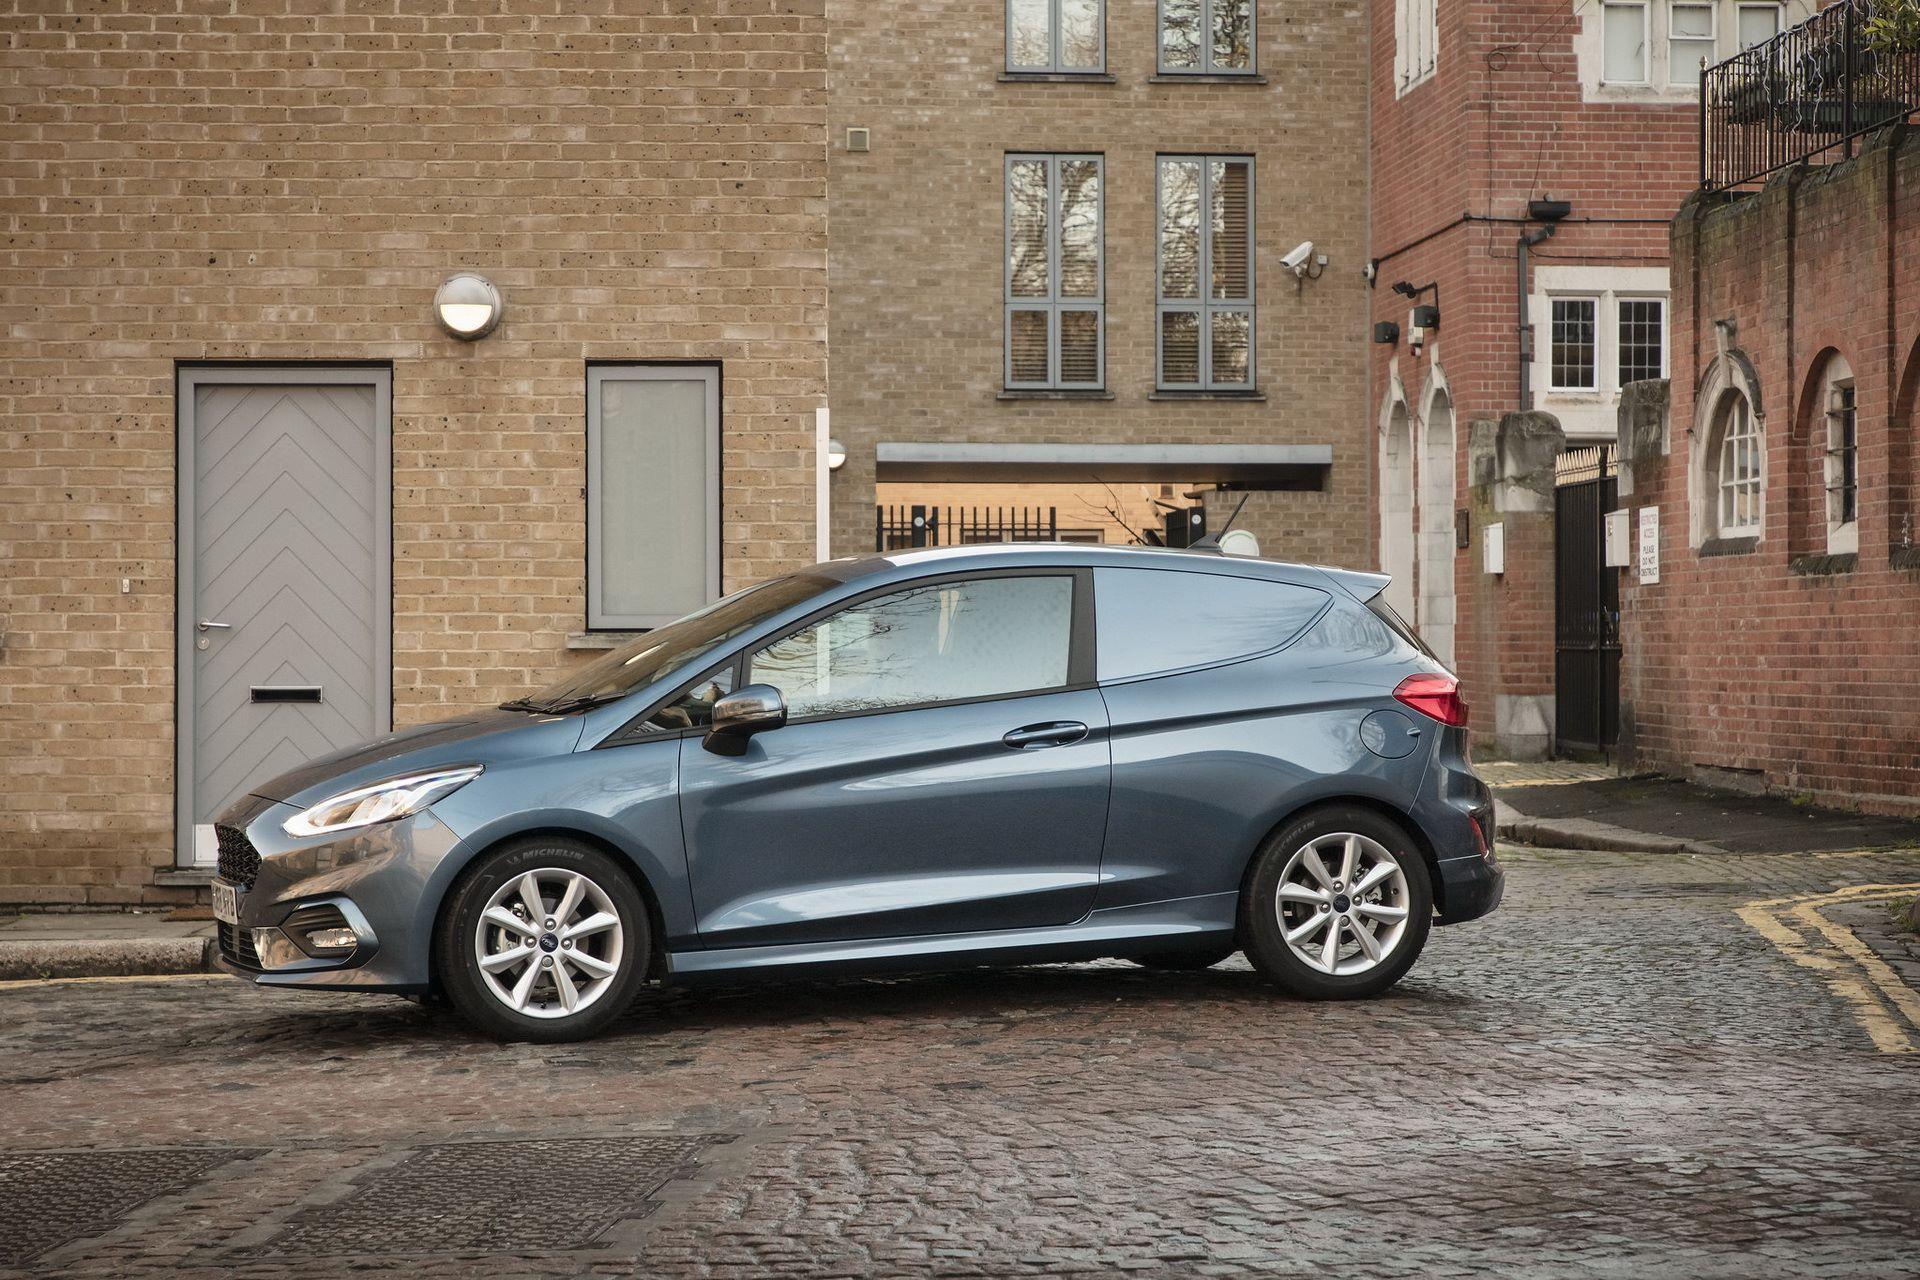 Ford-Fiesta-Fiesta-Van-Mild-Hybrid-7